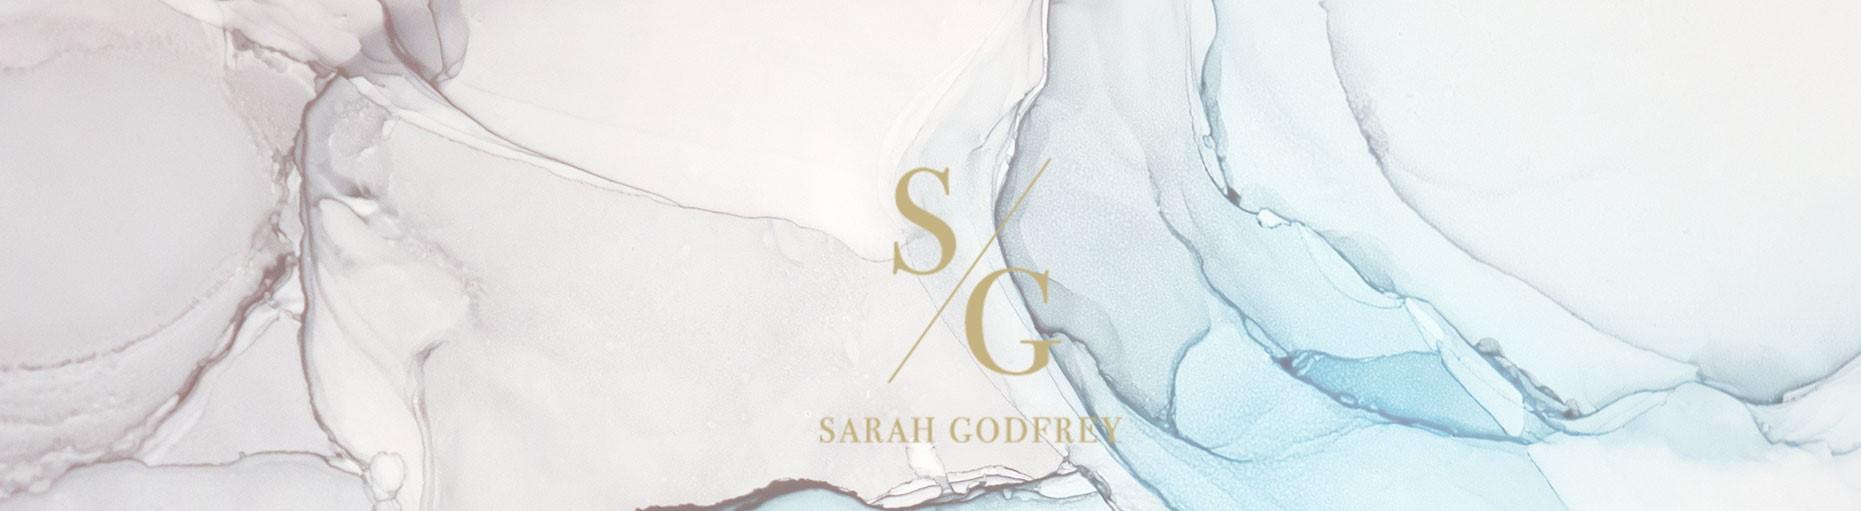 SARAH-GOODFREYS-card